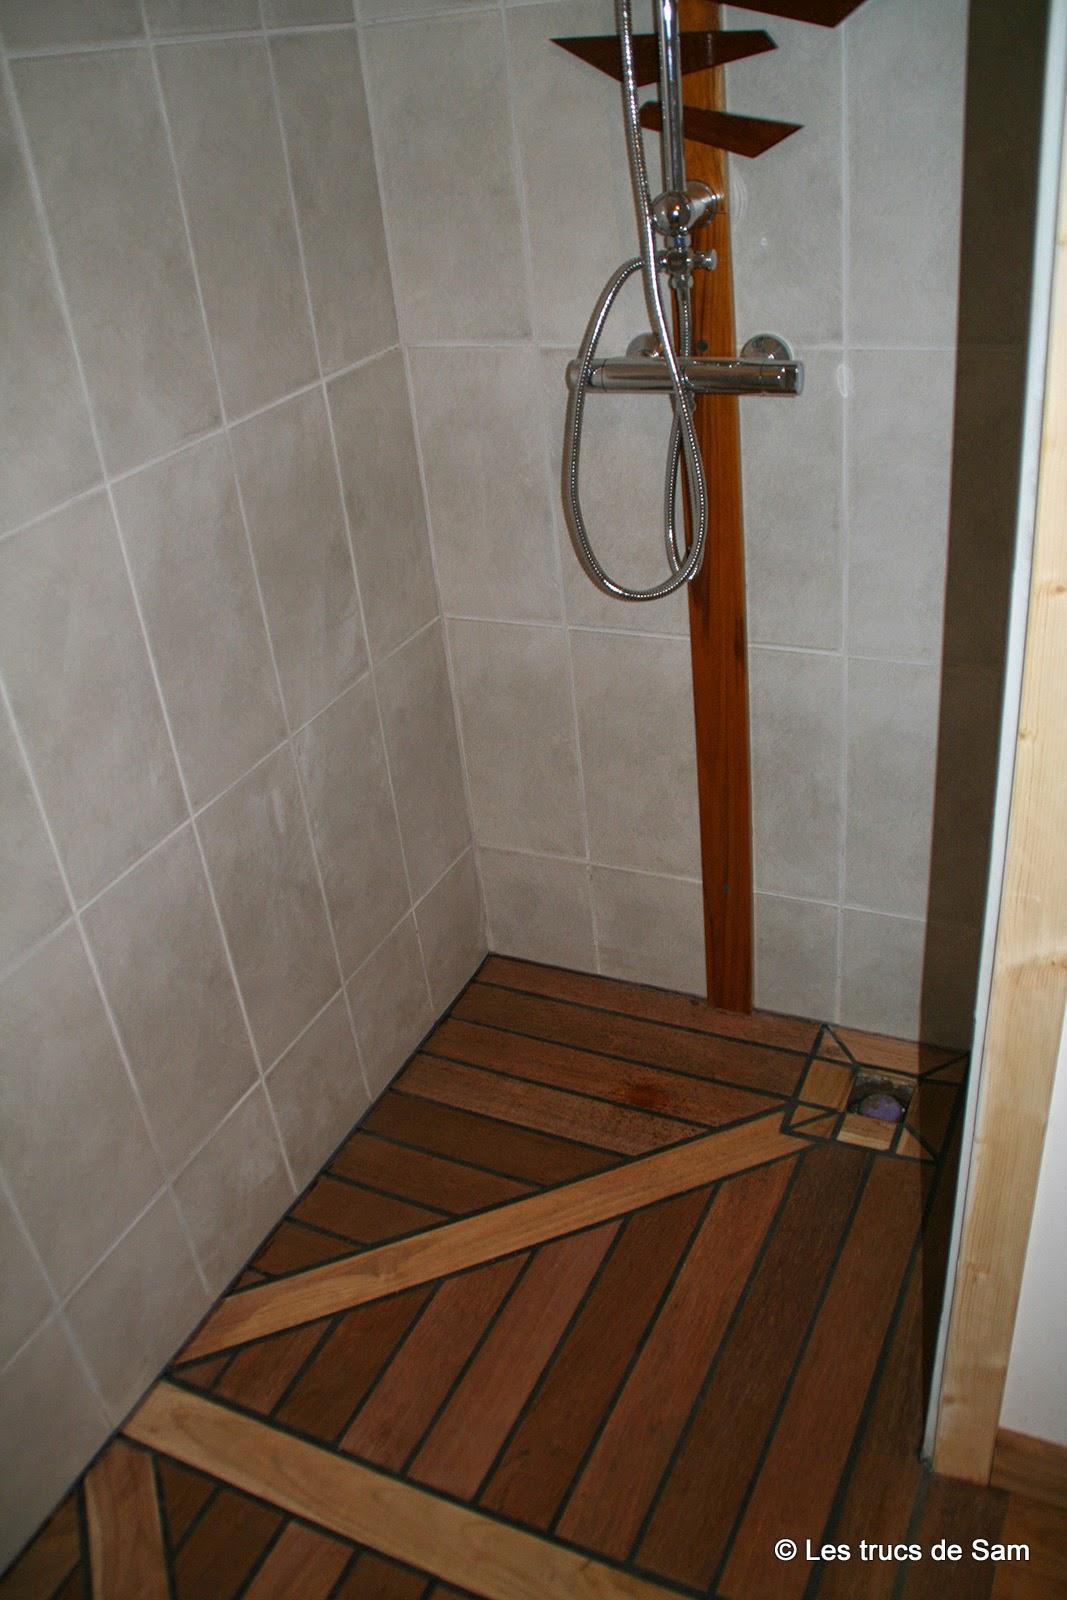 les trucs de sam que faire avec des chutes de parquets en bois exotiques. Black Bedroom Furniture Sets. Home Design Ideas